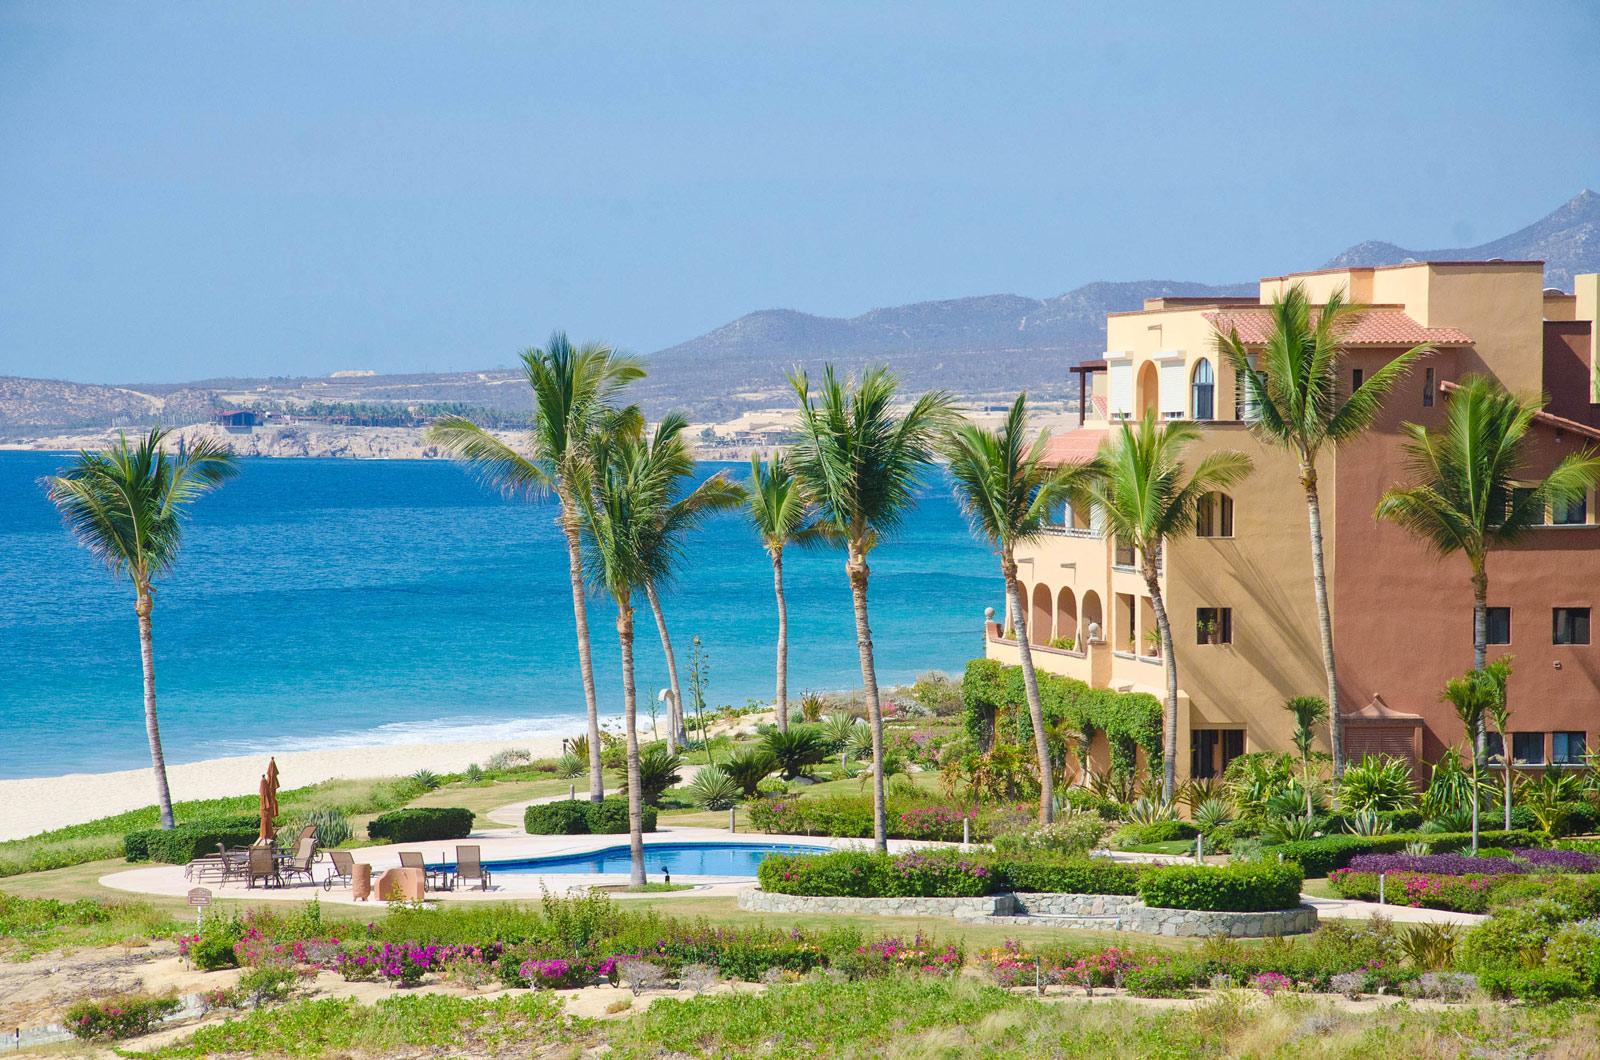 View of the Sea of Cortez from Casa del Mar, Los Cabos